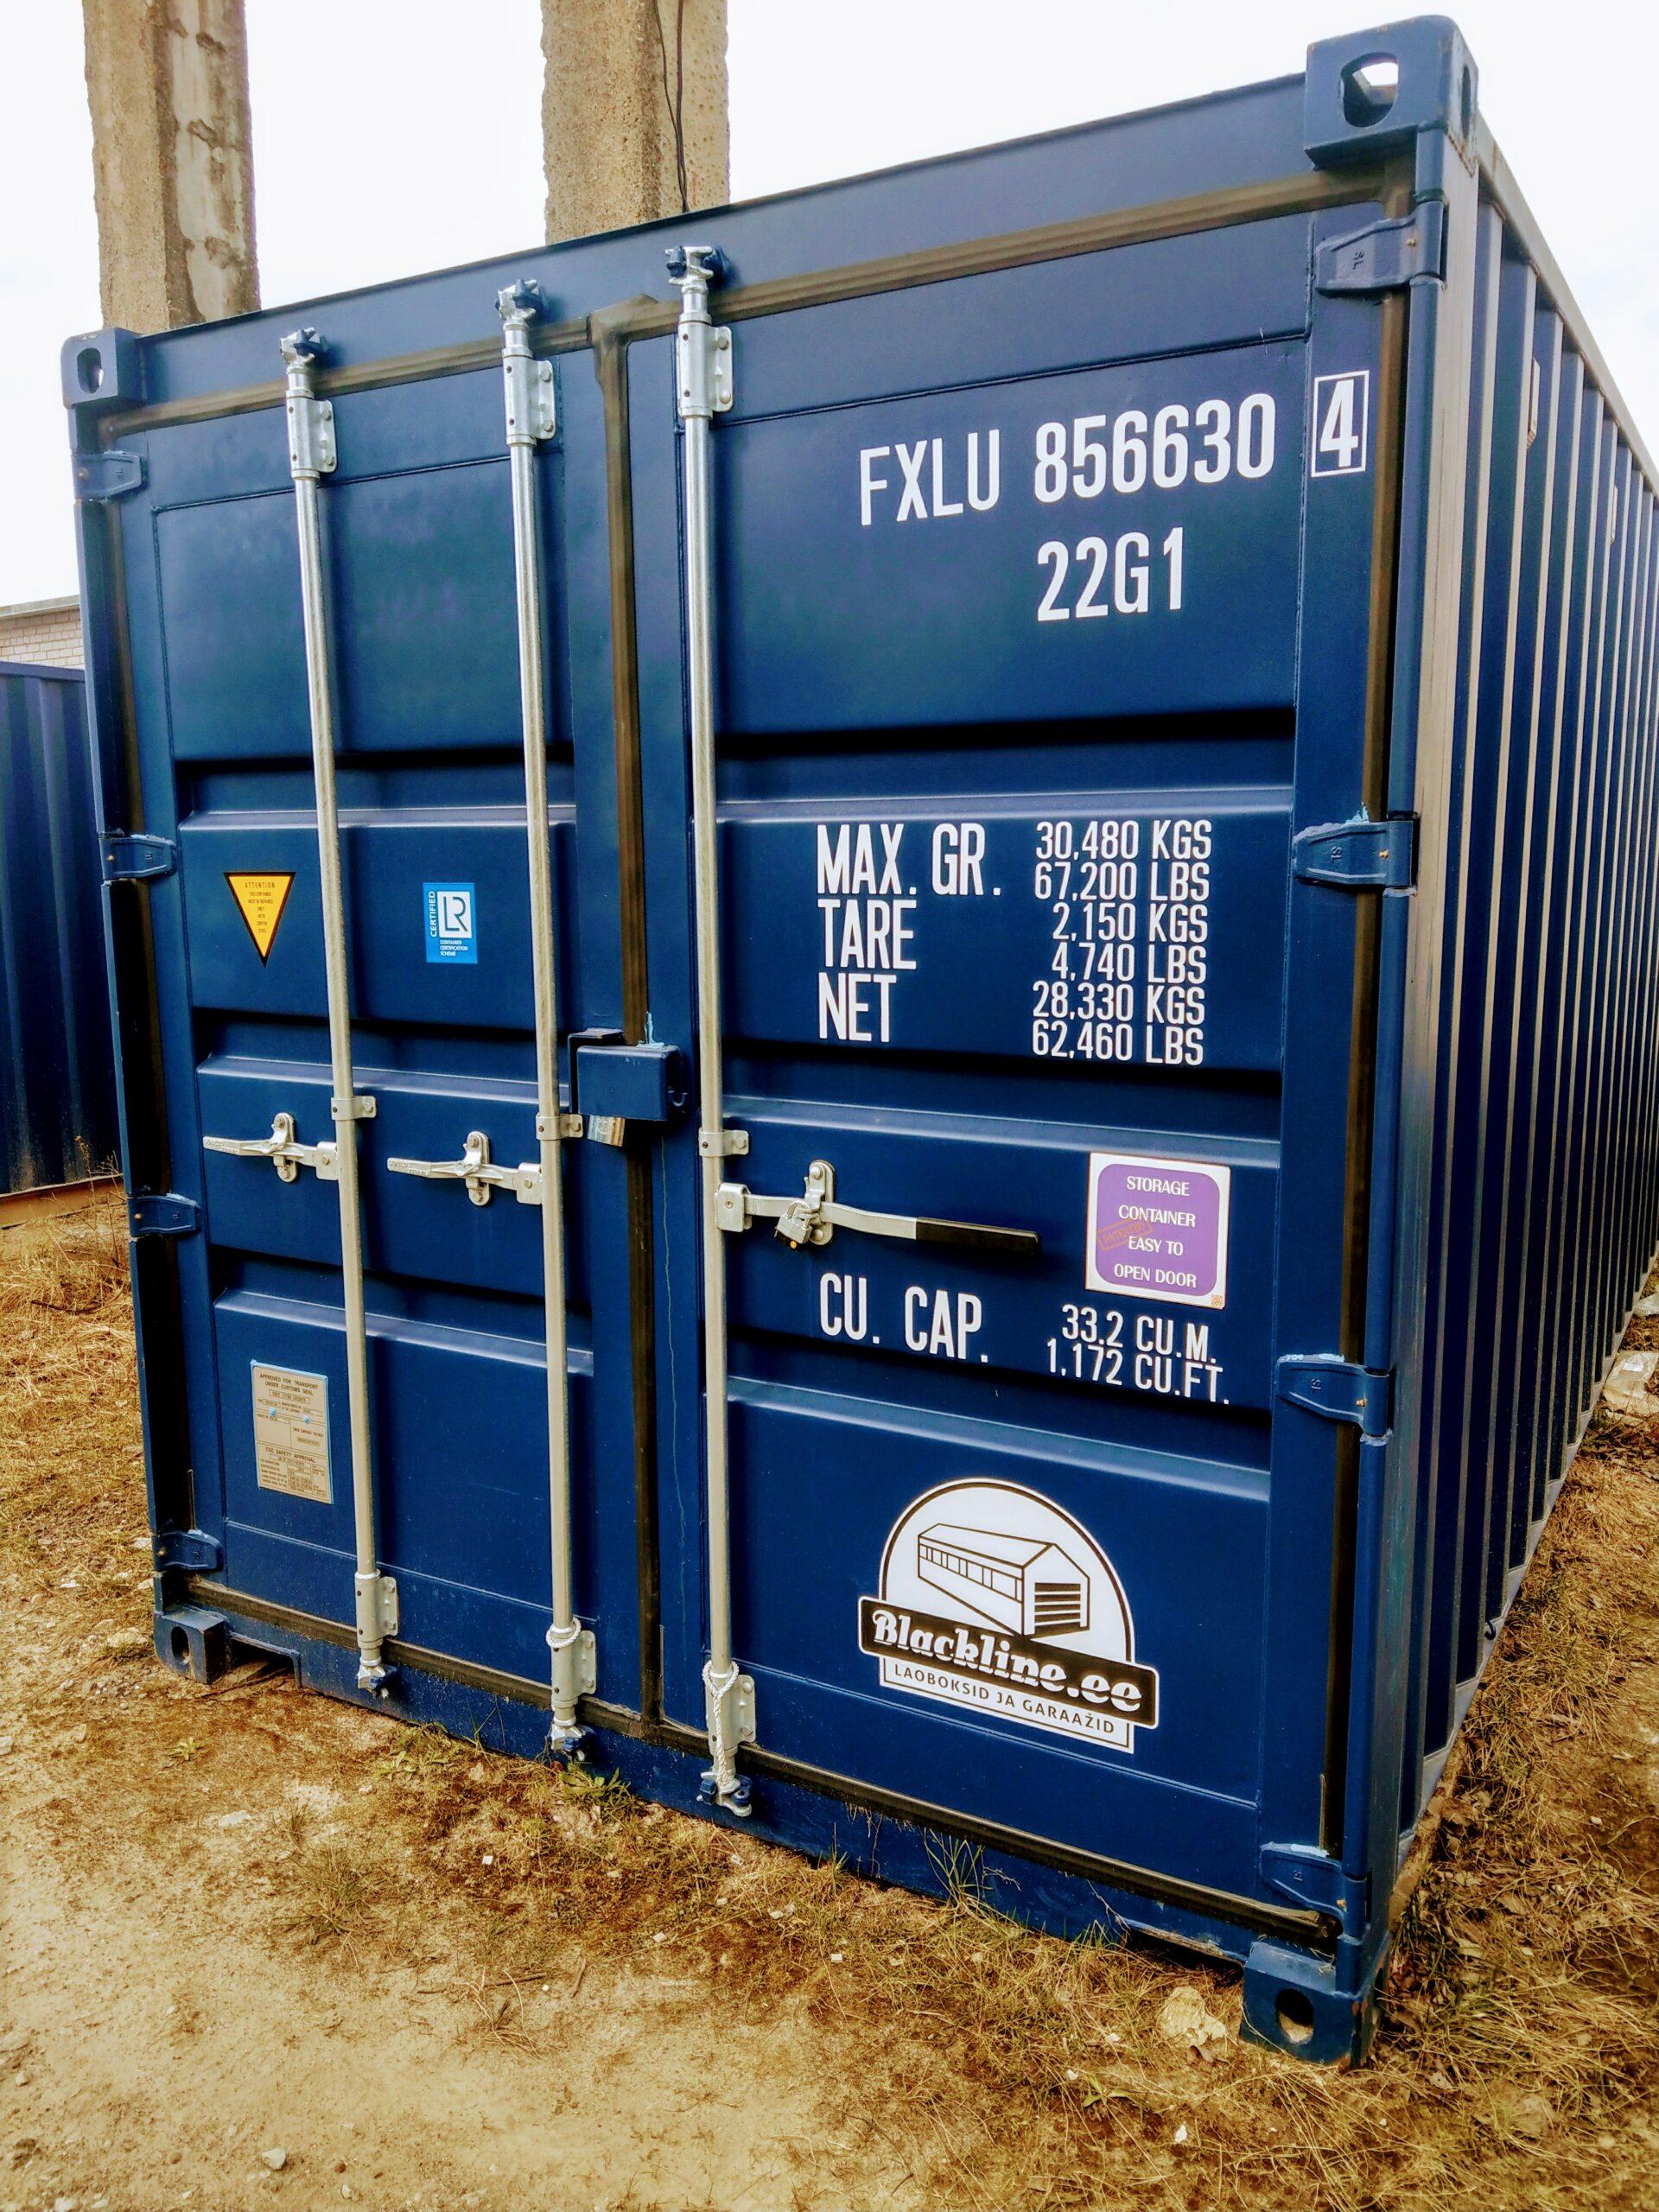 Uus konteinerladu NR 8 – FXLU8566304